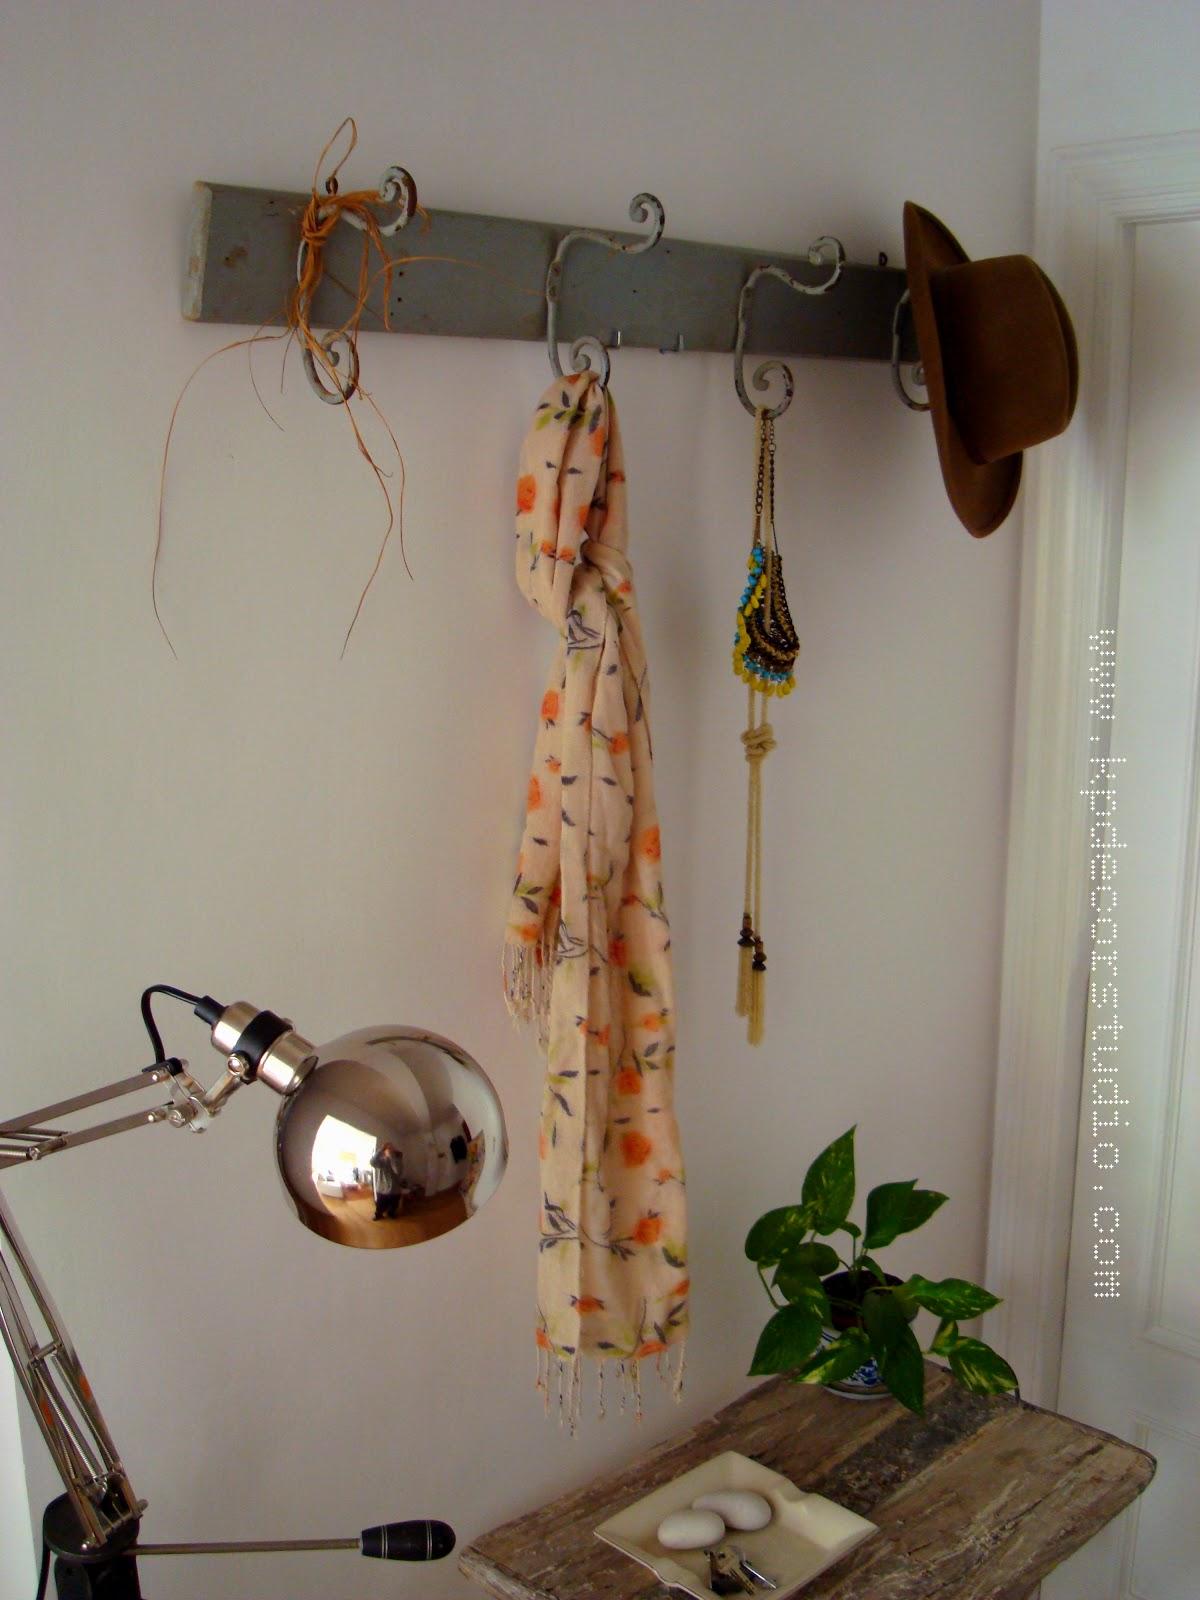 Kp decor studio viejo perchero de madera cuatro for Percheros en madera